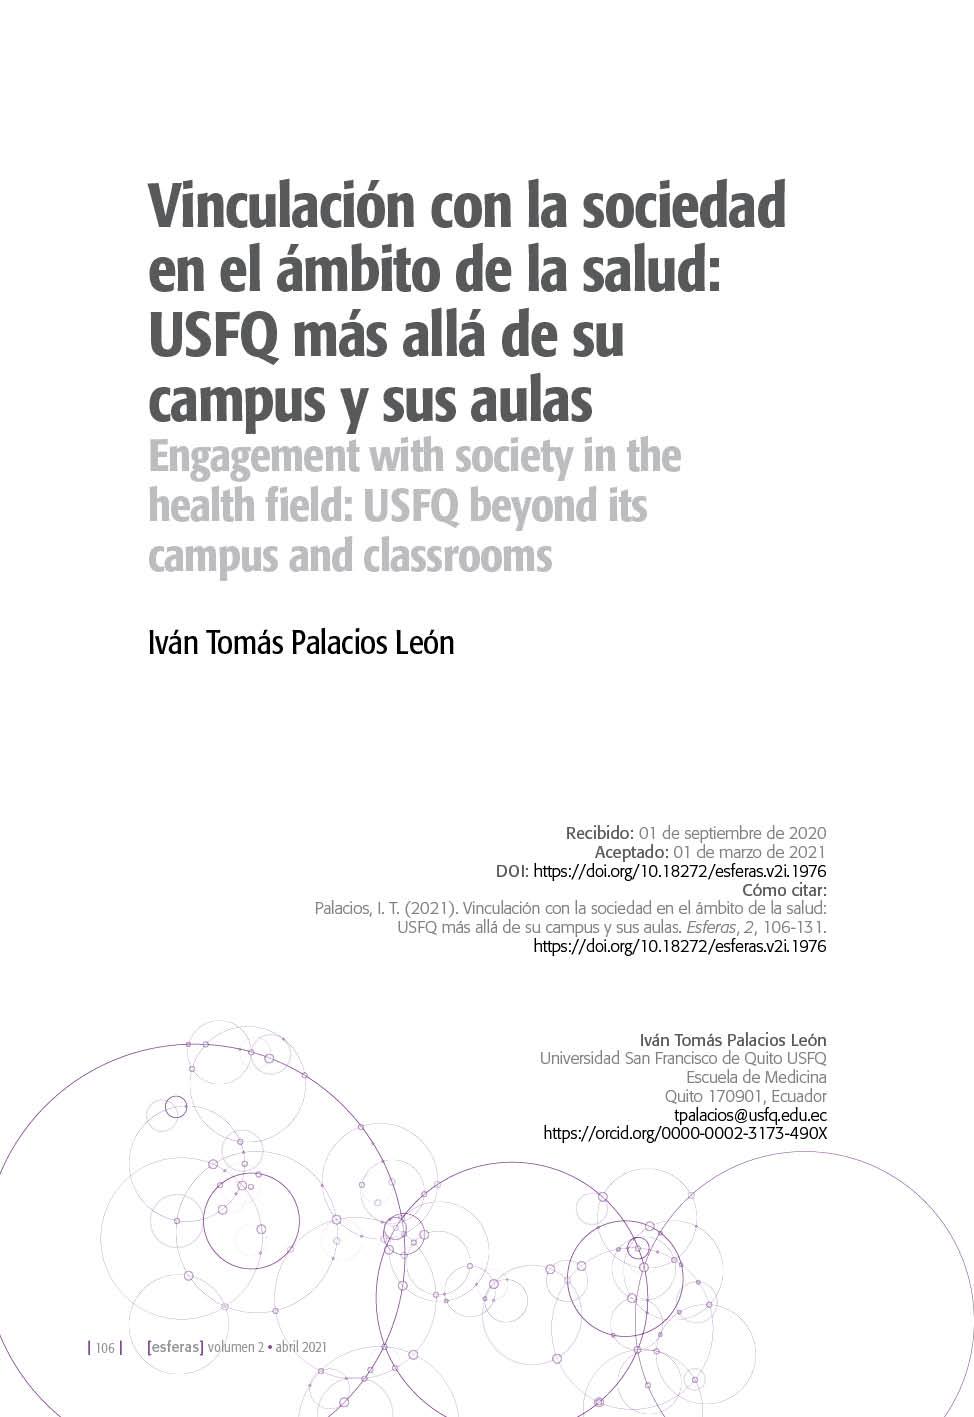 Vinculación con la sociedad en el ámbito de la salud: USFQ más allá de su campus y sus aulas